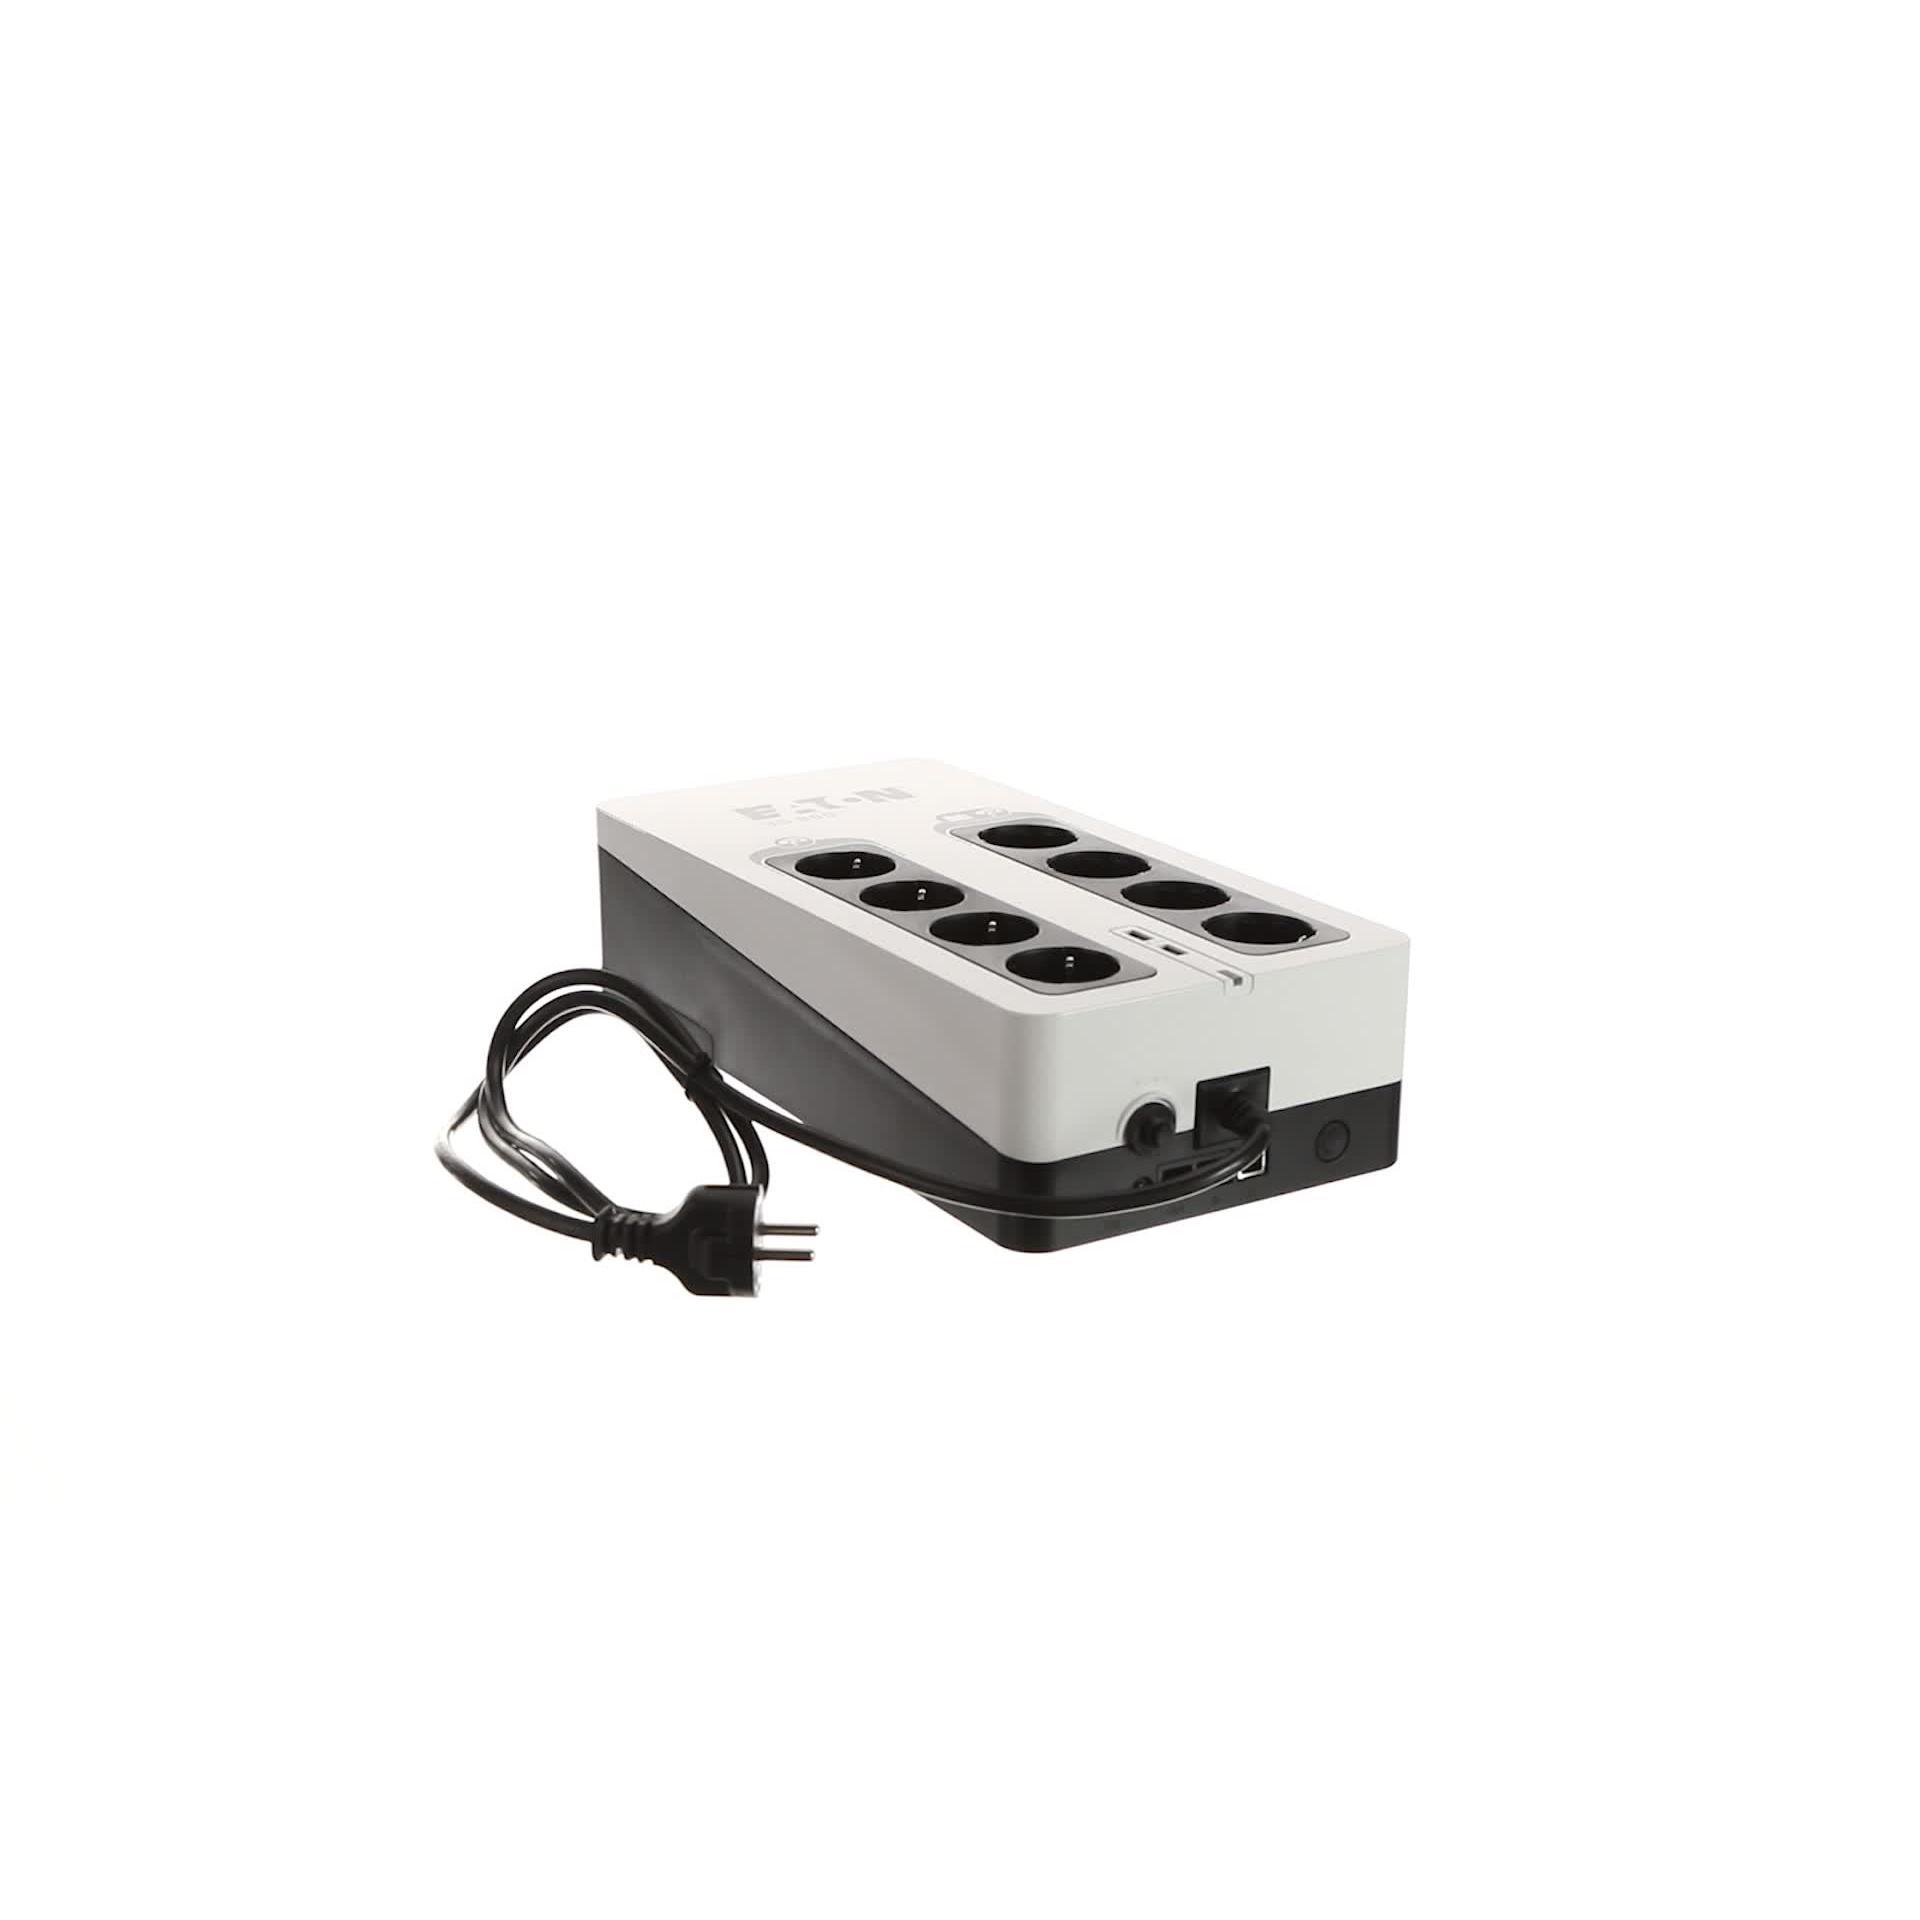 accessoire informatique Eaton Ellipse 3S 850 FR